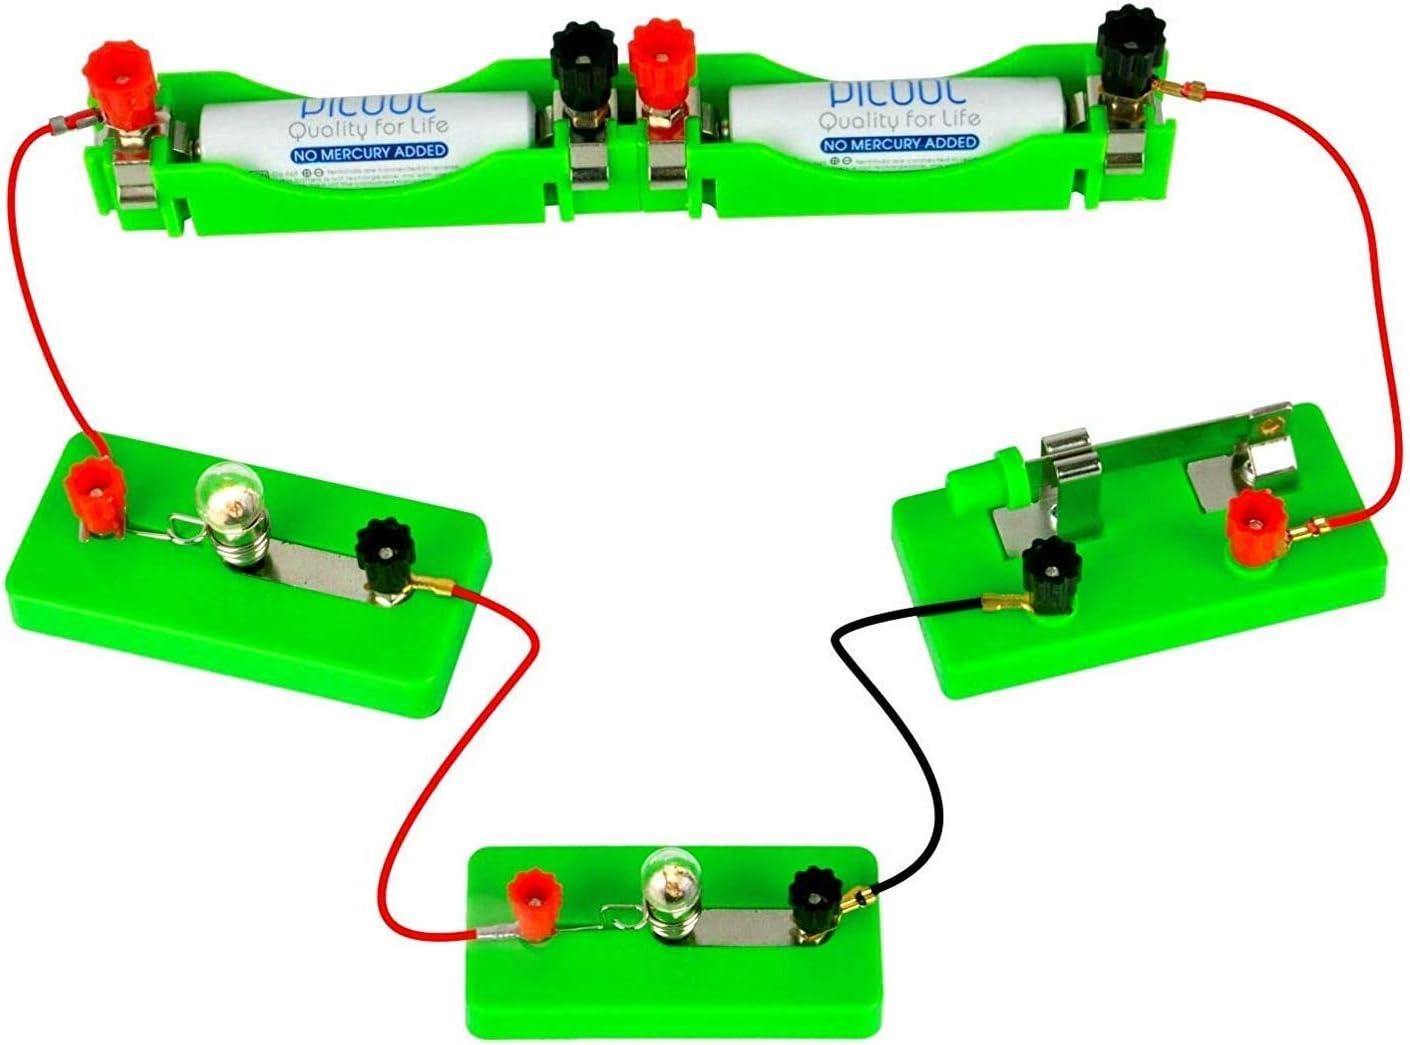 OSOYOO Wissenschafts-Lern-Set f/ür Studenten in den Stufen 3-9 Advanced Lab Kit Bauschaltungen Elektrizit/äts- und Magnetismus-Experiment-Set